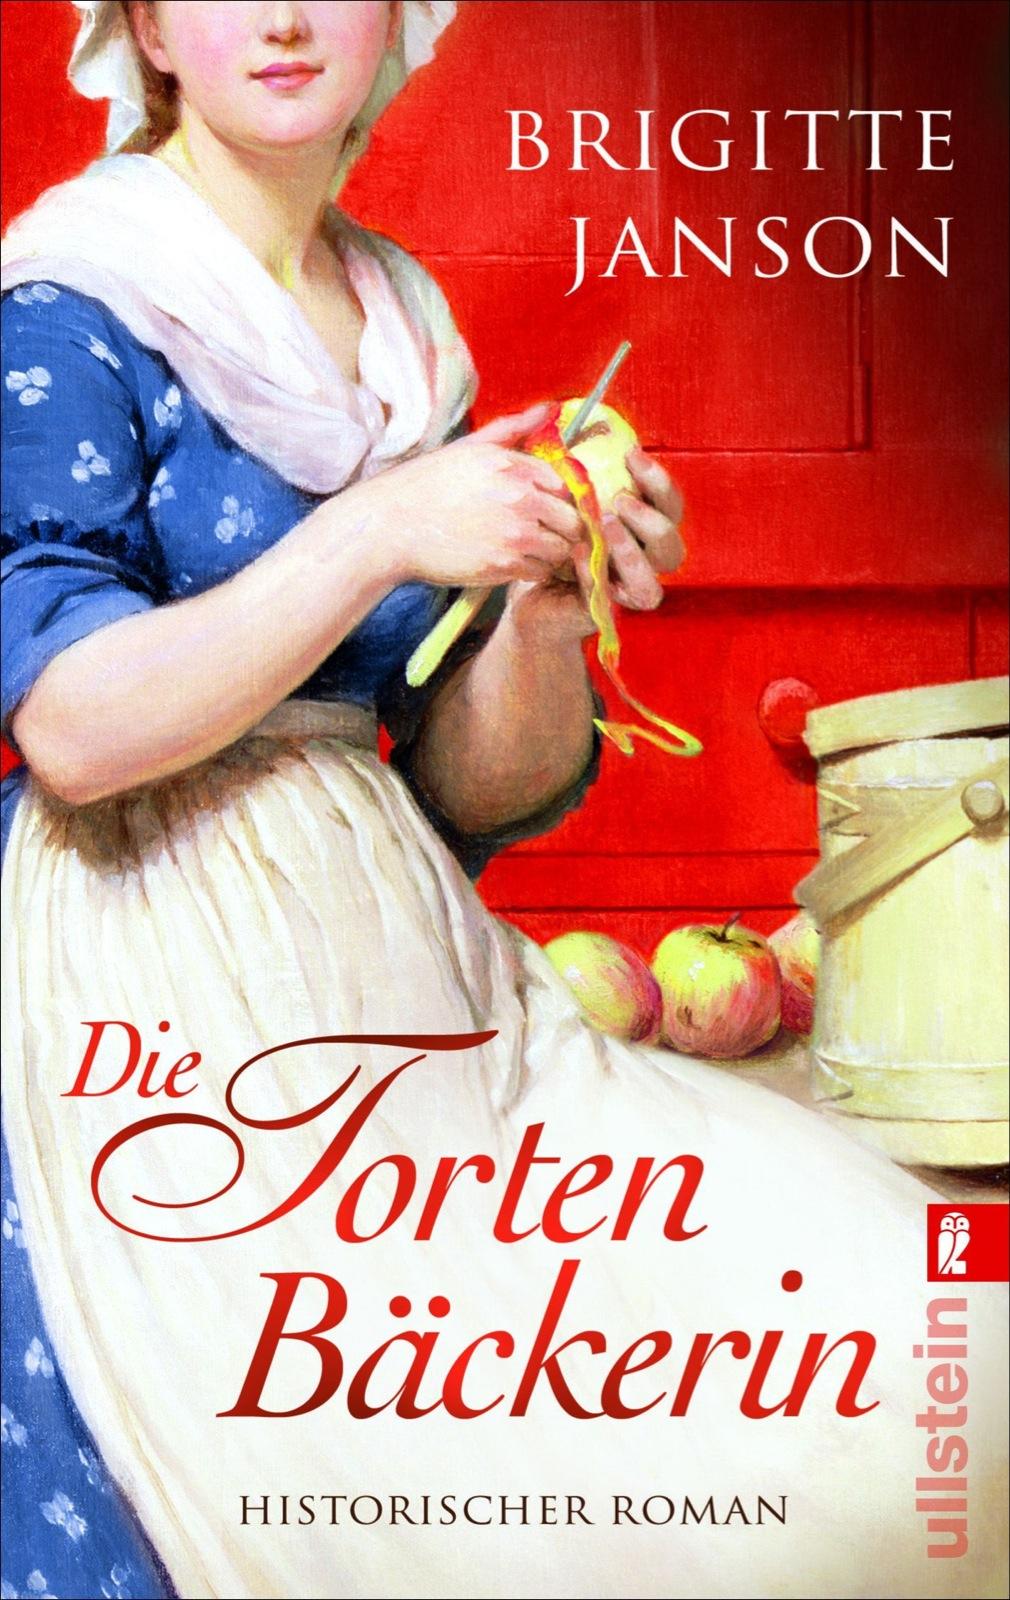 Die Tortenbäckerin - Brigitte Janson